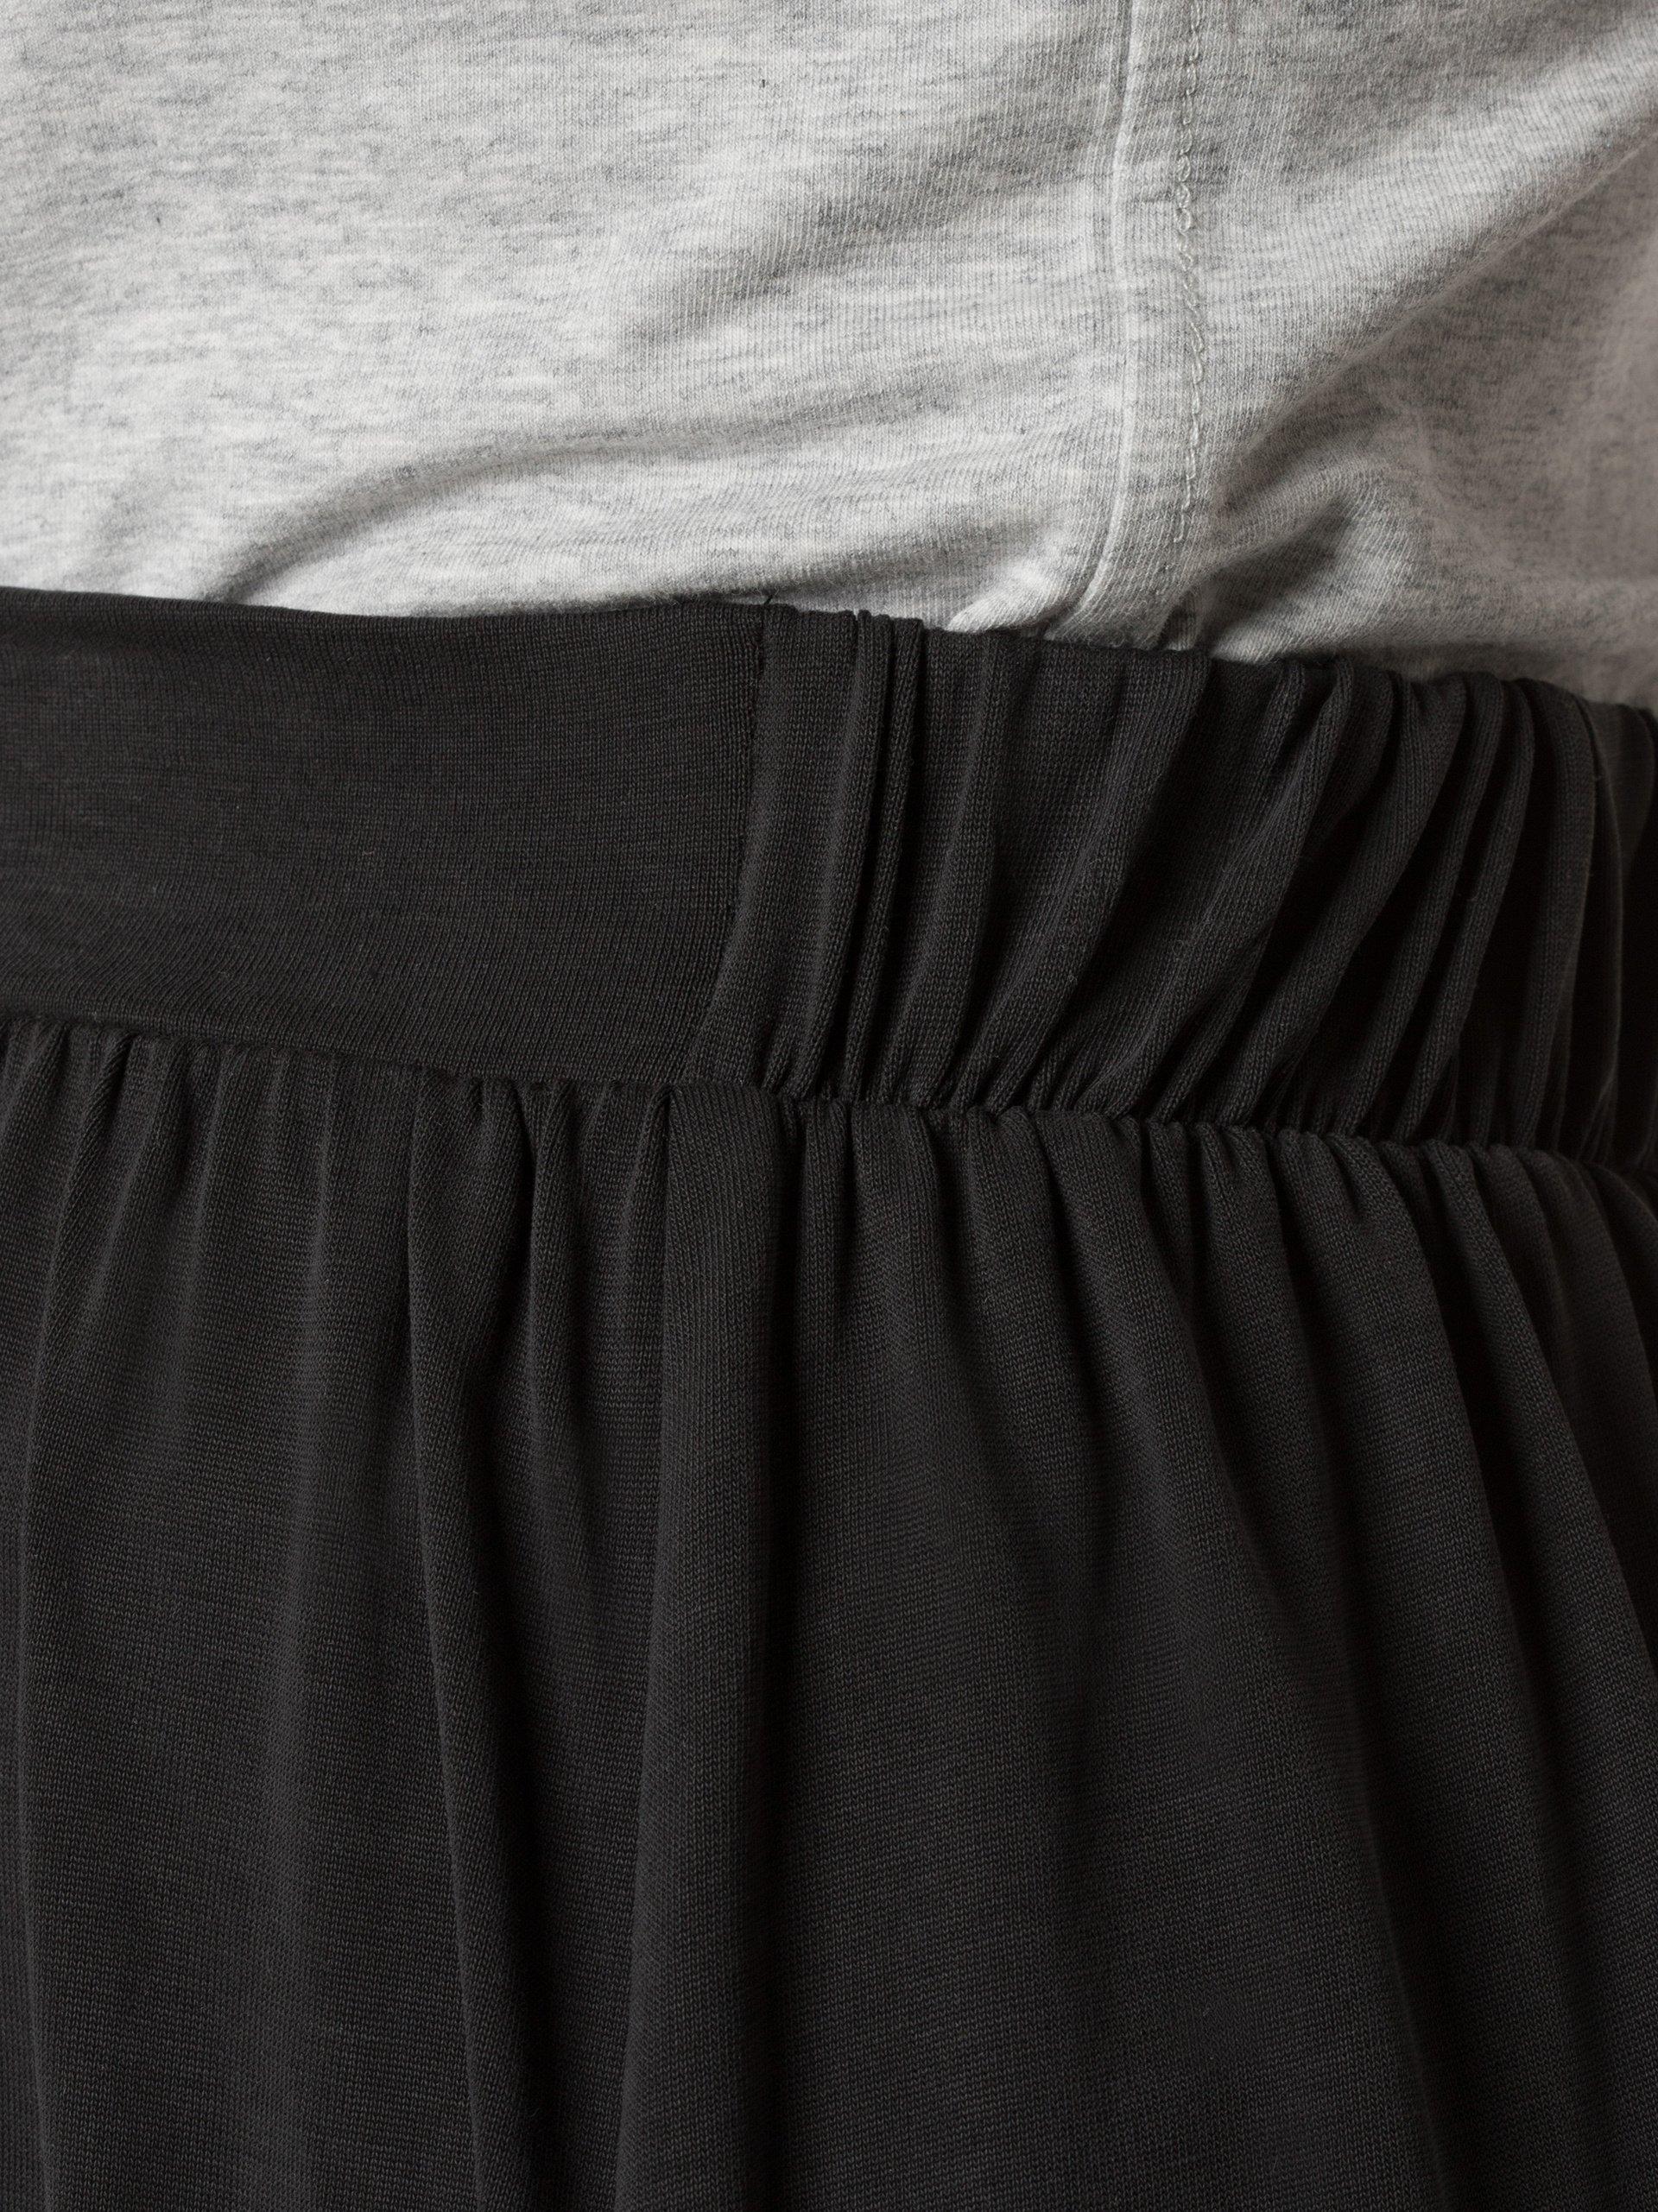 Minimum Spódnica damska – Regisse